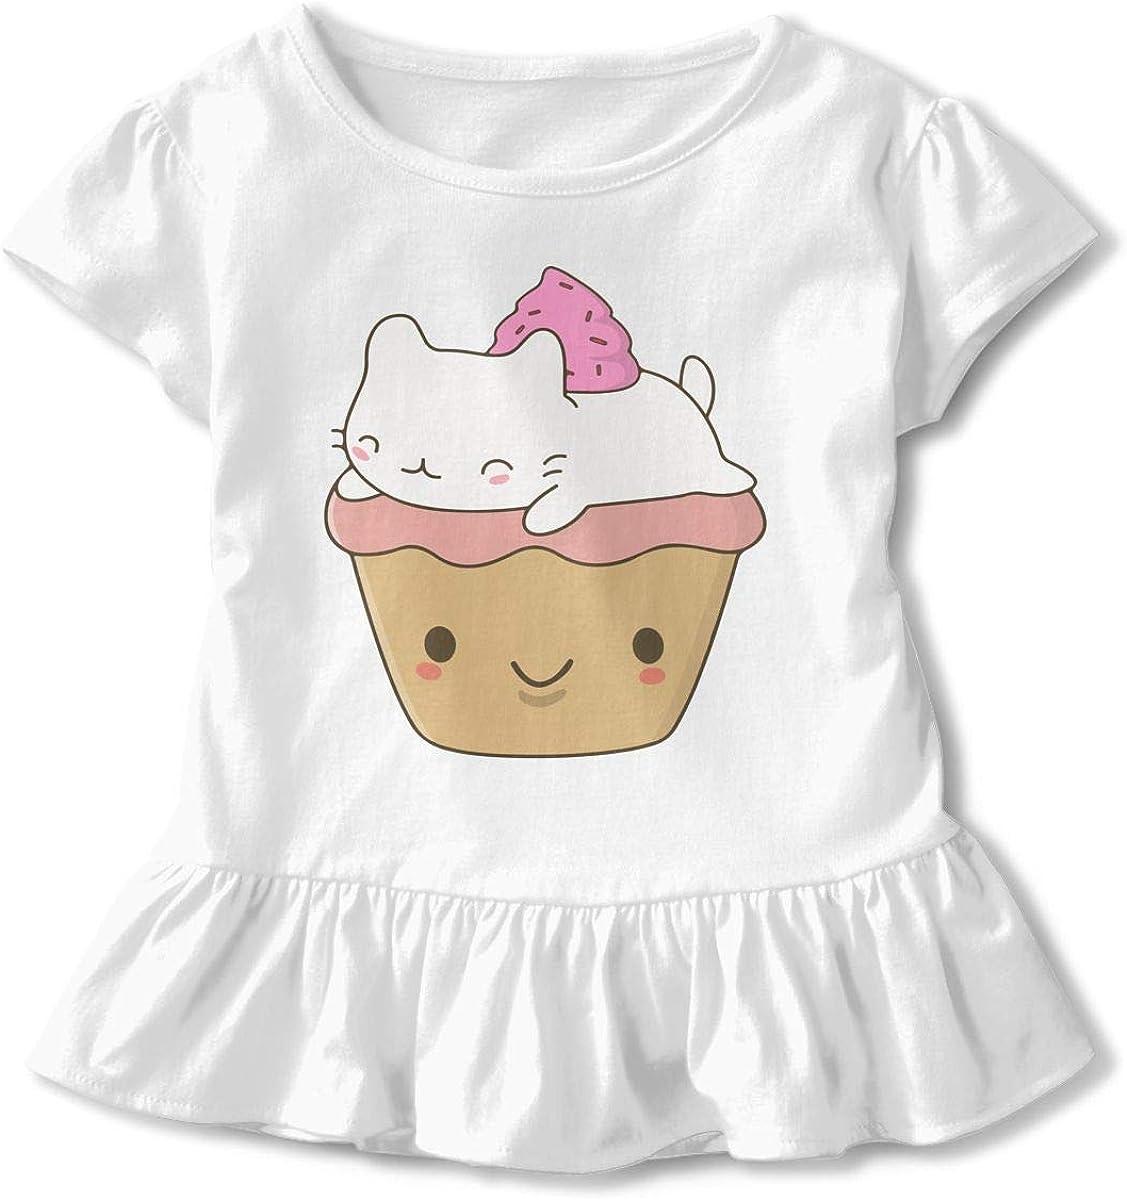 Kawaii Cat Burger Kids Children Short-Sleeved Tshirts Dress